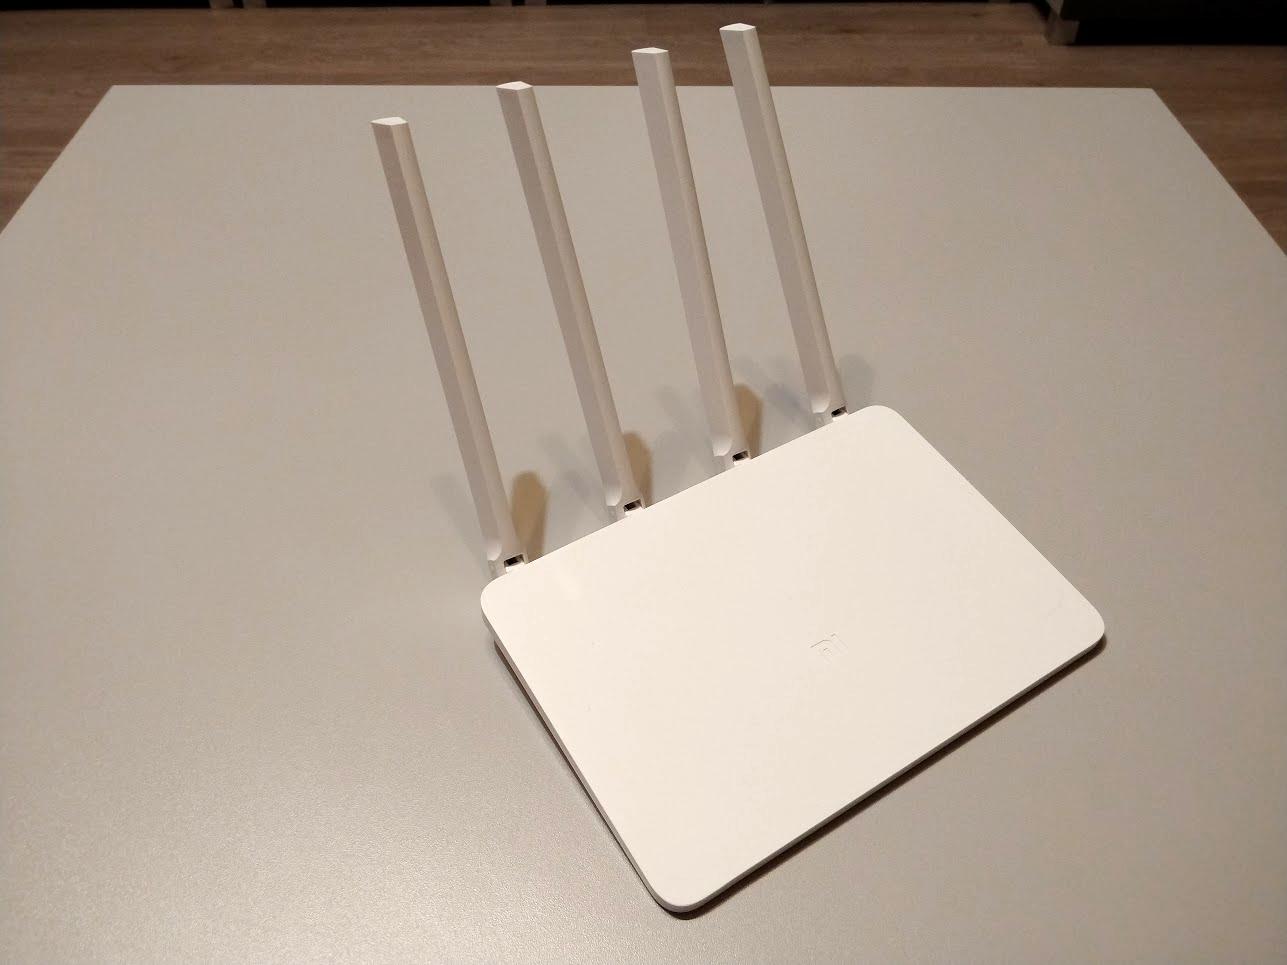 xiaomi-mi-router-3g-wifi-teszt-02